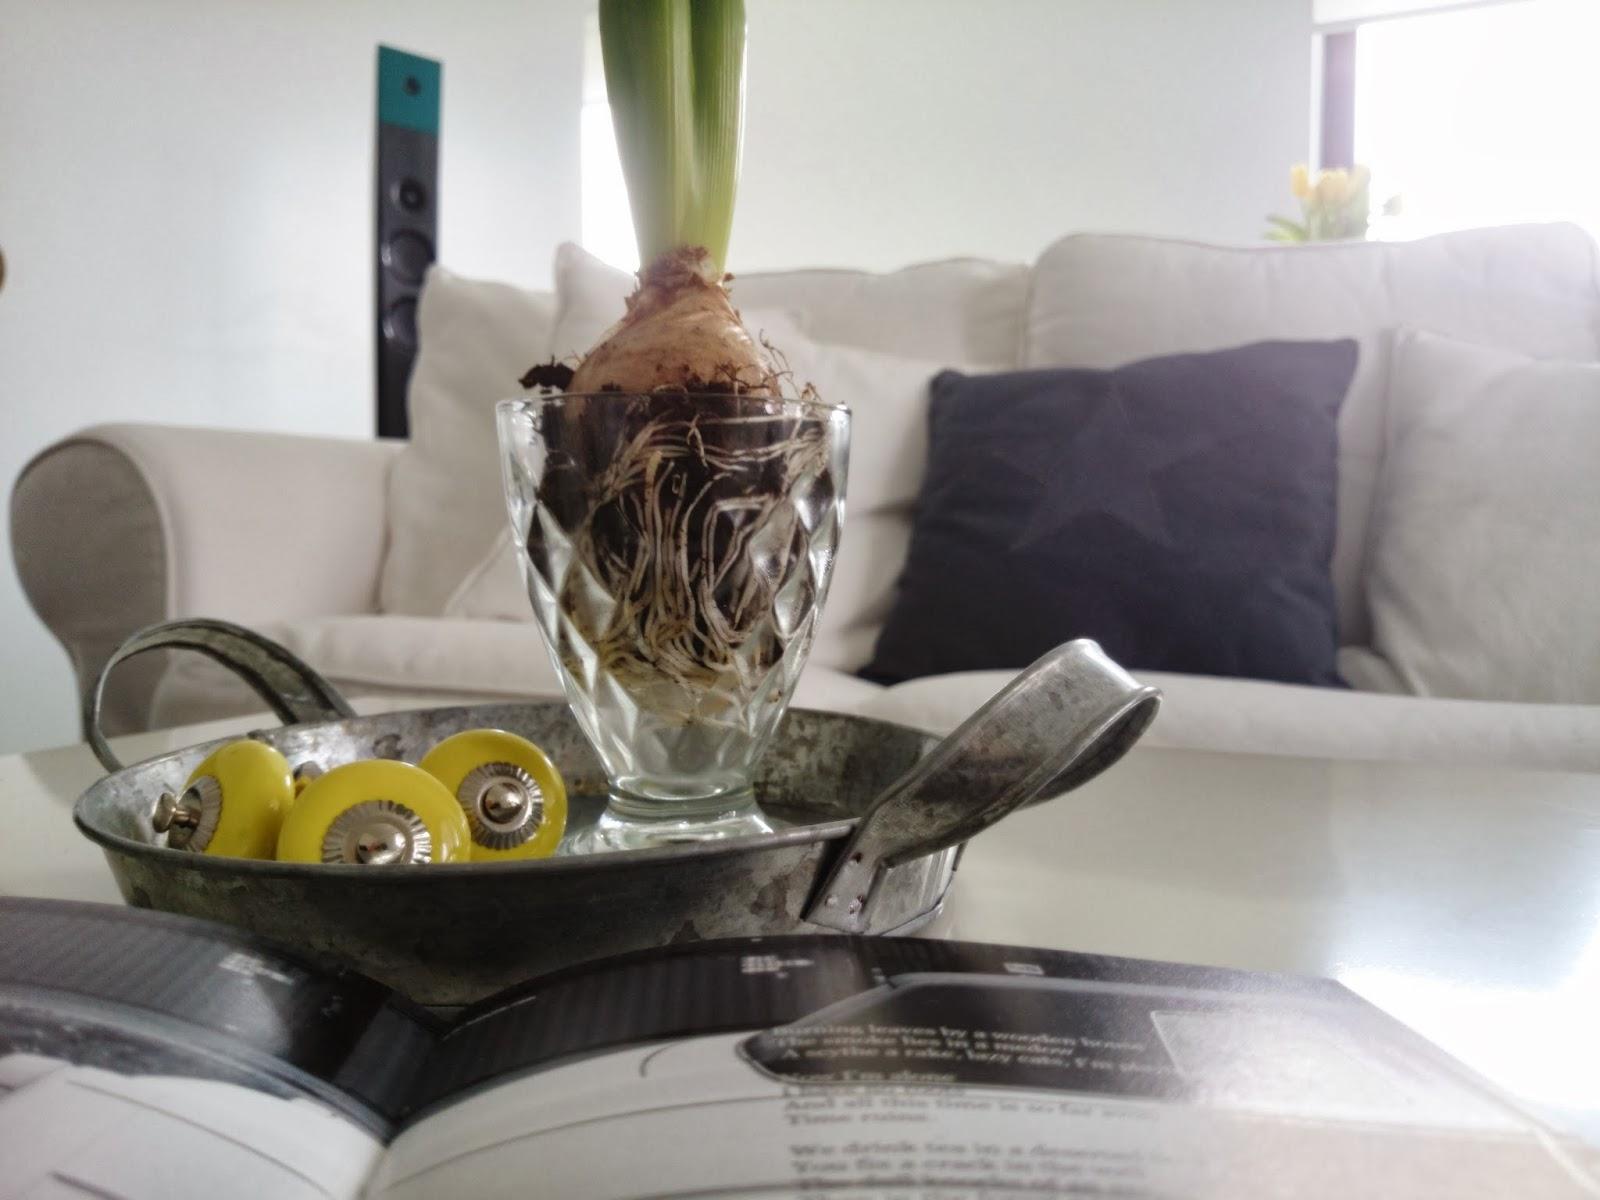 Biała sofa, biały salon, żółte gałki ceramiczne, ocynkowana taca, hiacynt w kileliszku